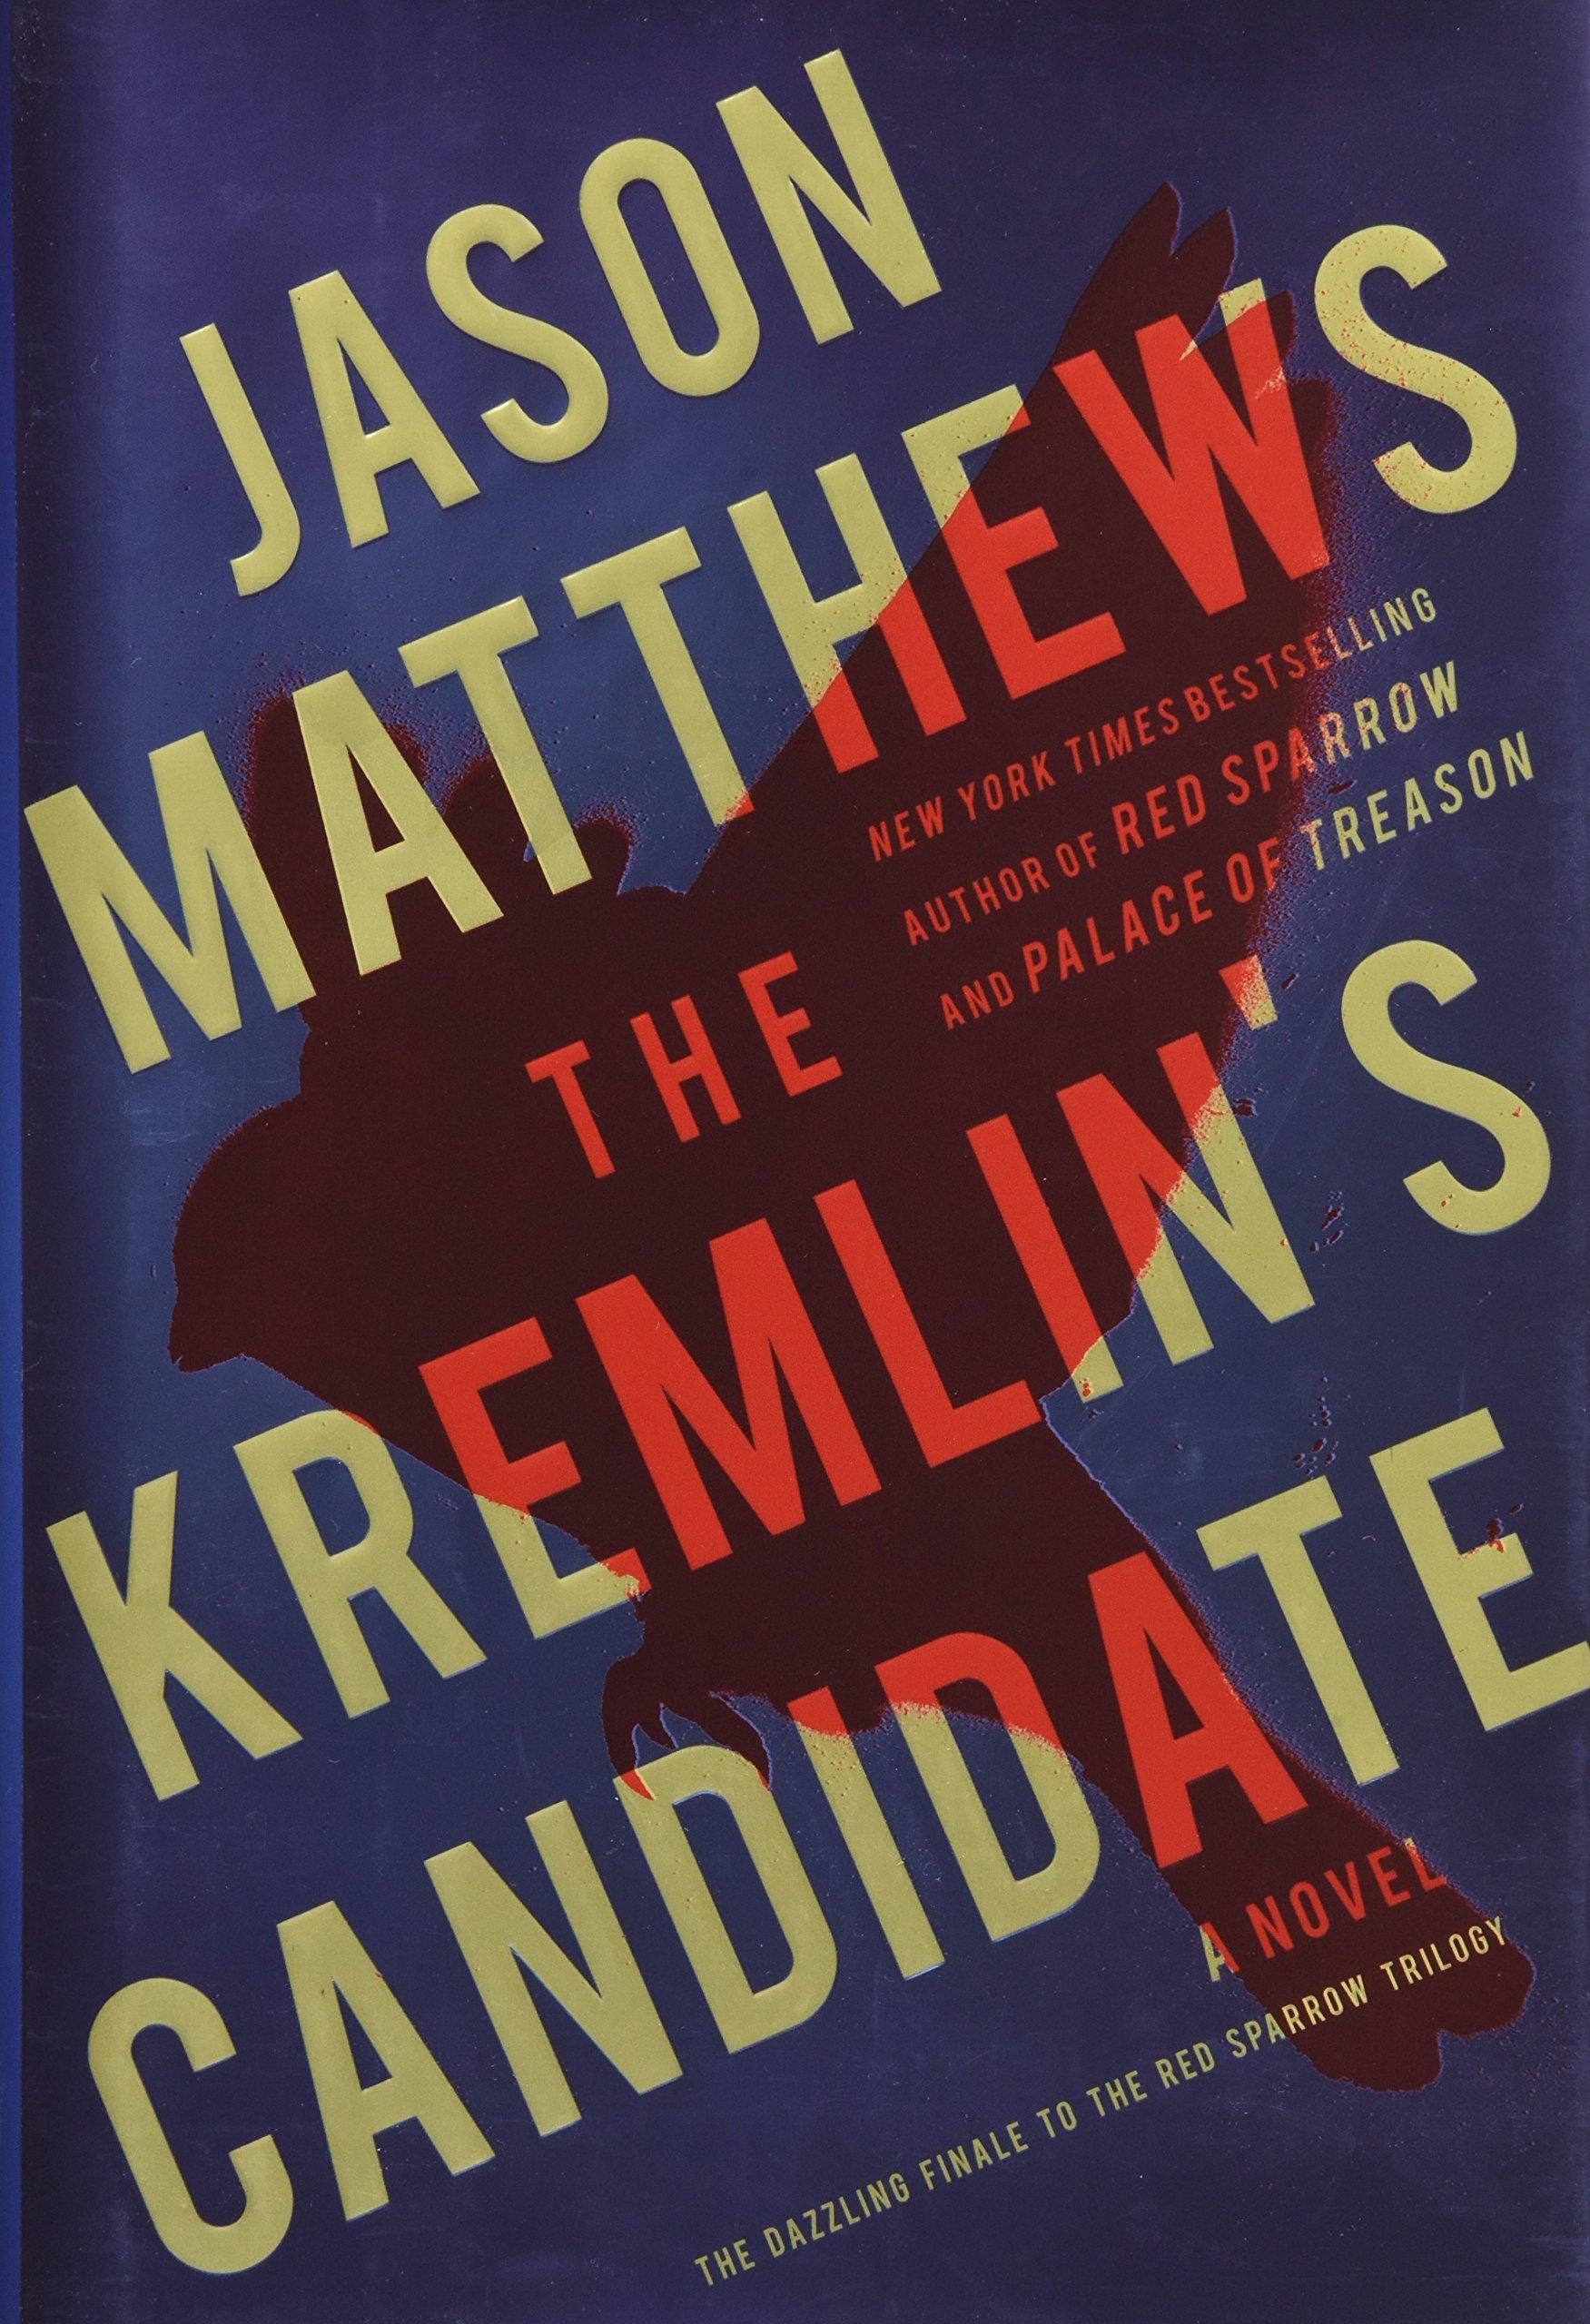 The Kremlin's Candidate: A Novel